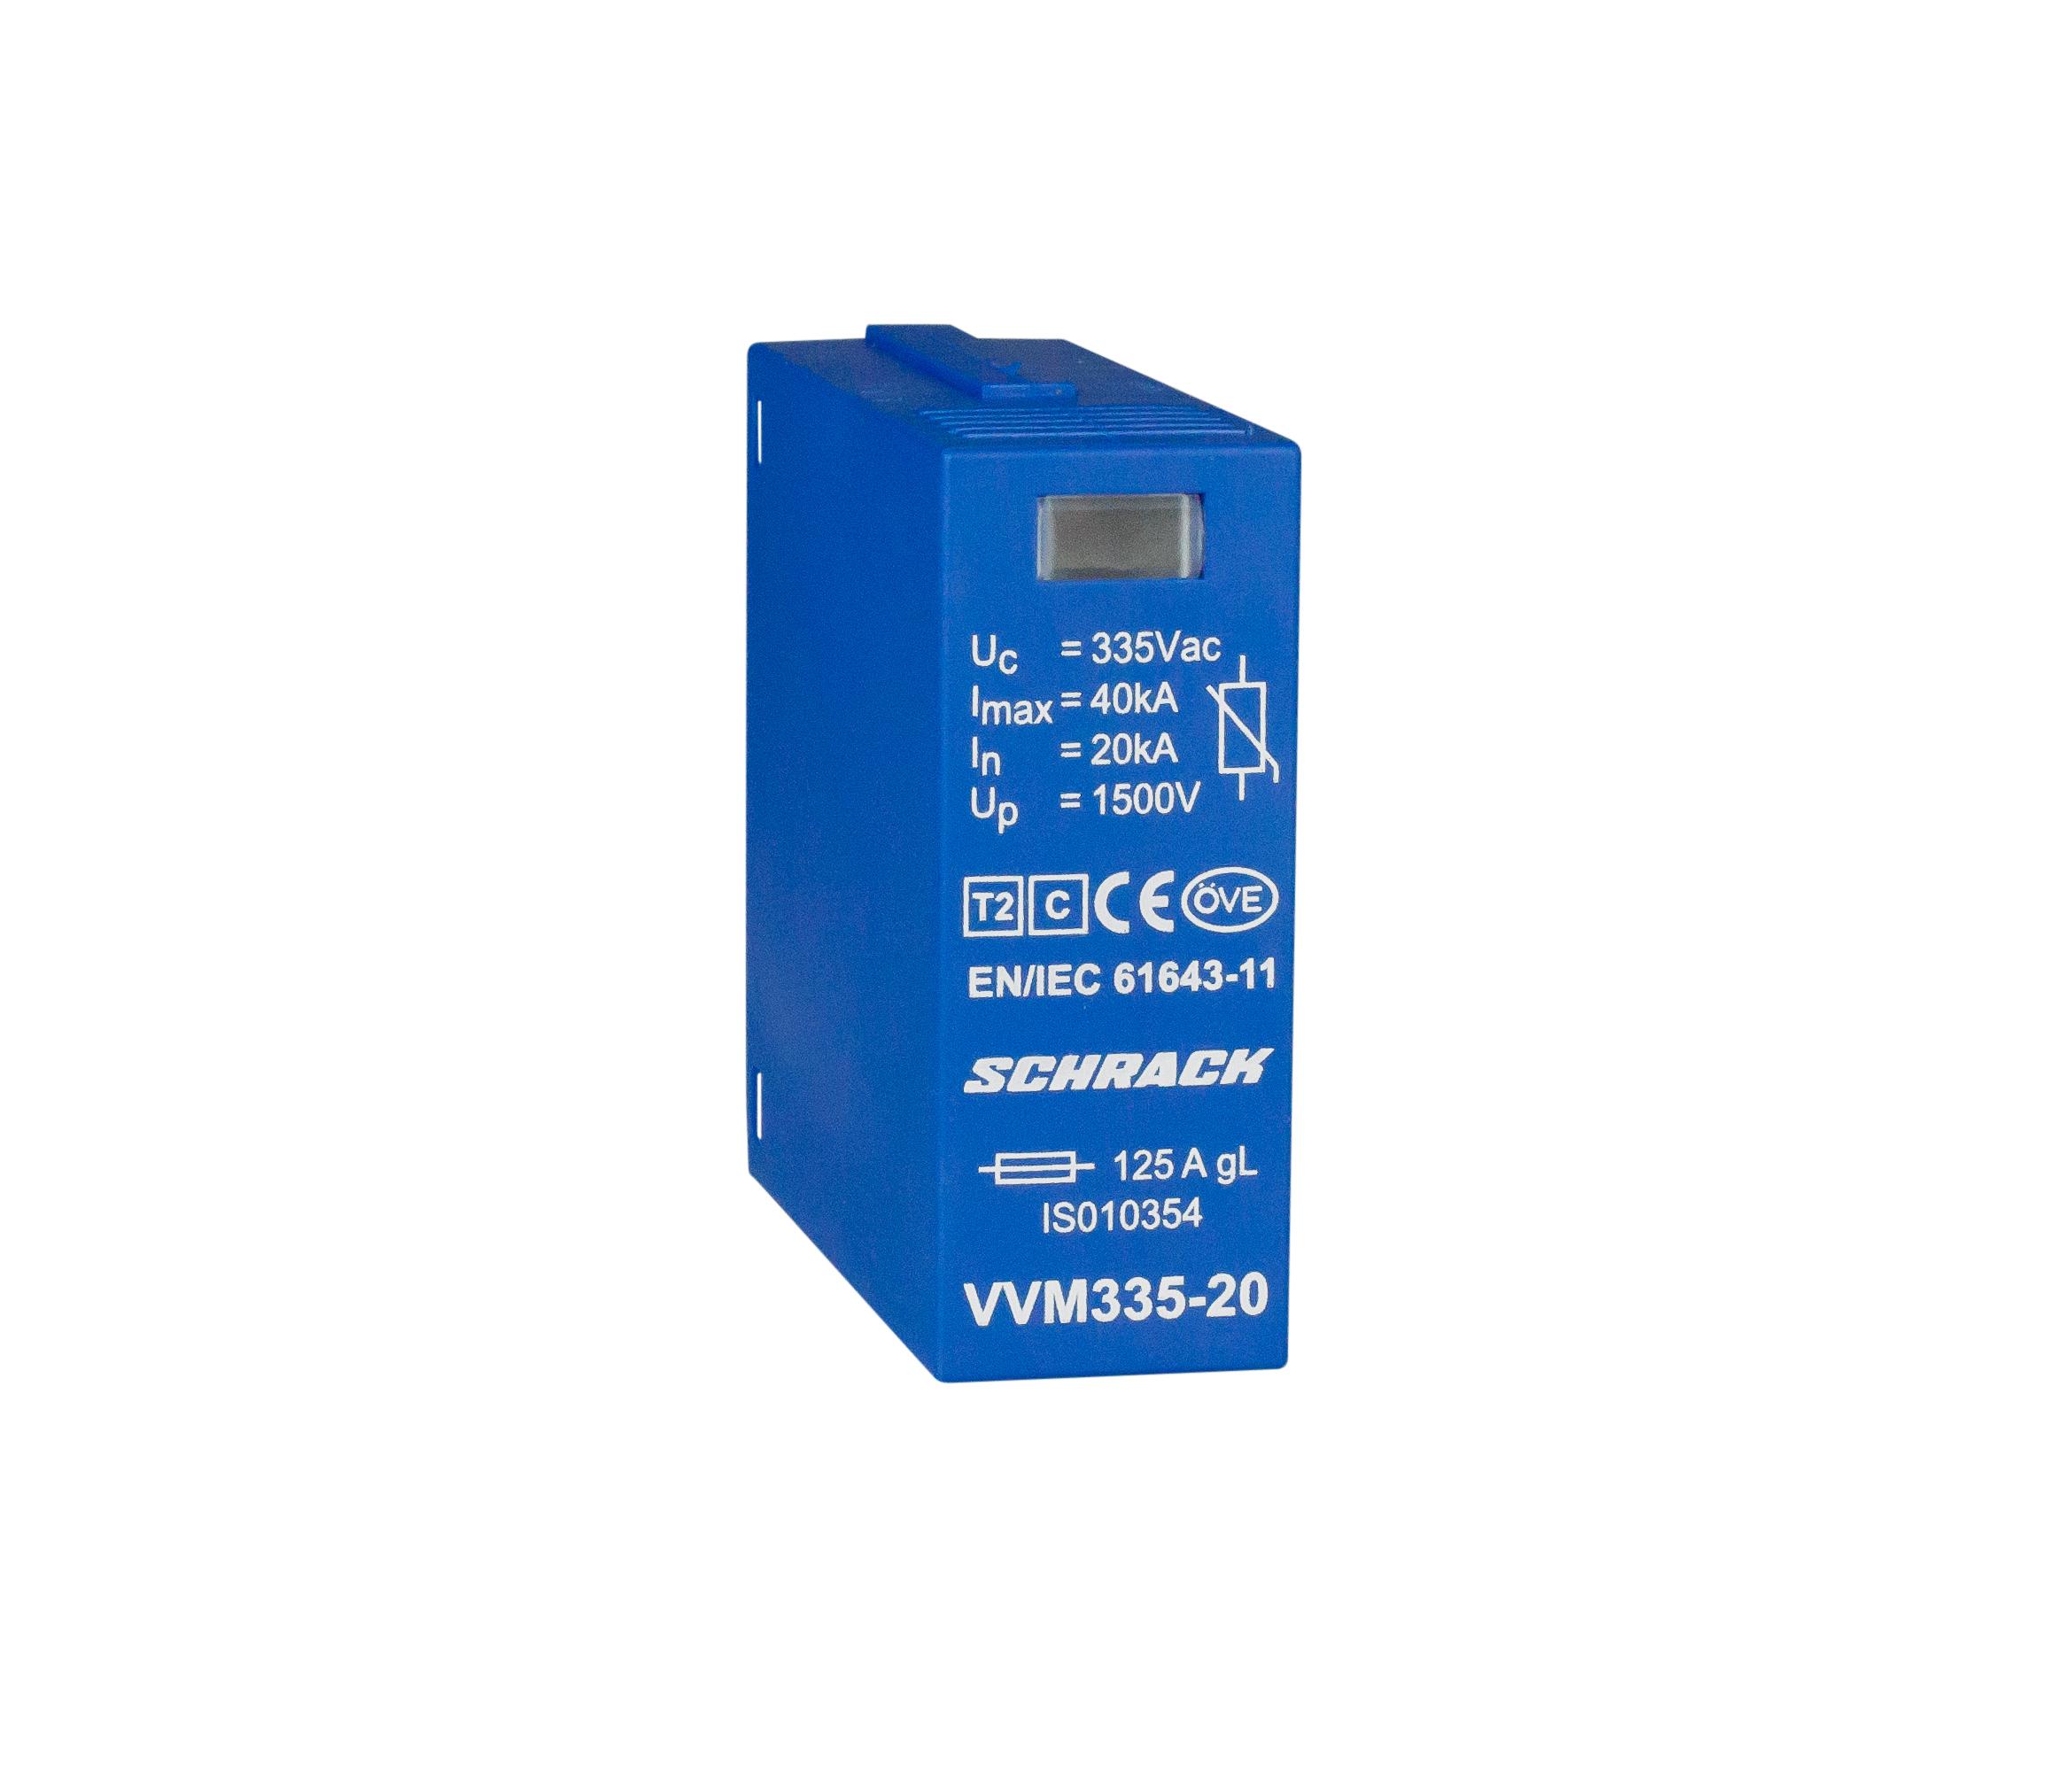 1 Stk Vartec Varistormodul TII, VVM - 320V/20kA IS010354--